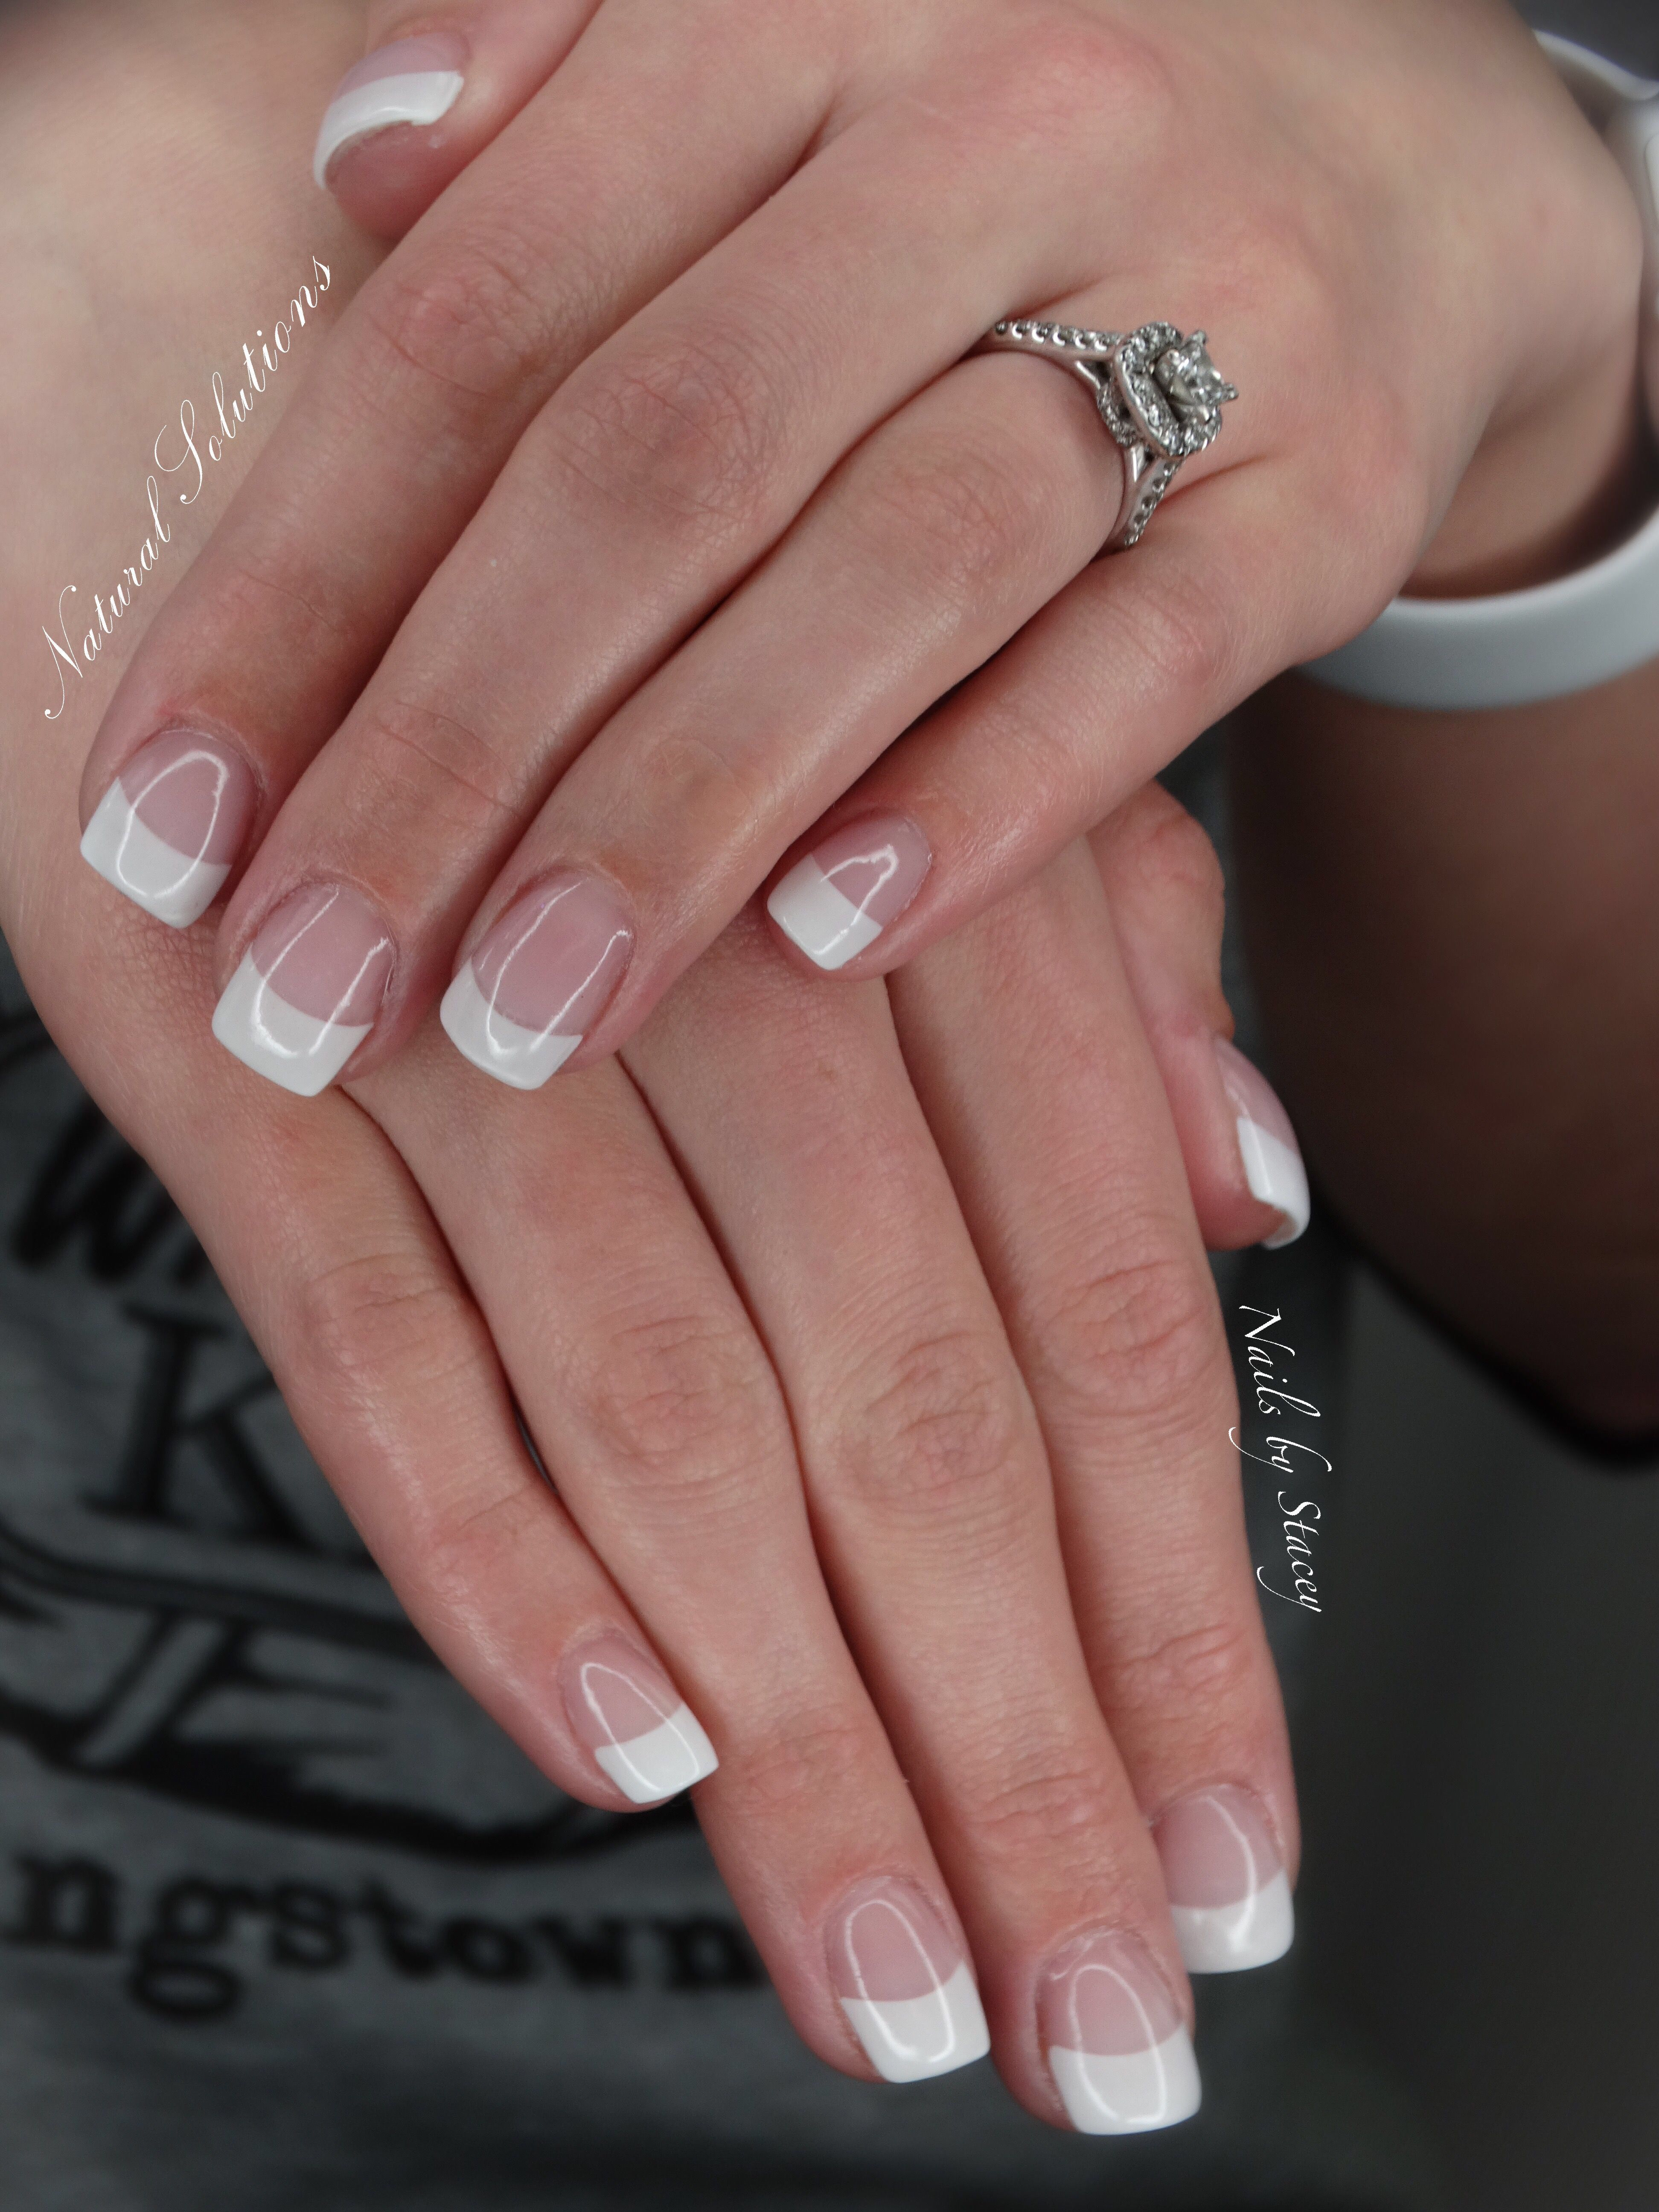 French Manicure Acrylic Nails In Salem Ohio Salon French Manicure Acrylic Nails Hair And Nail Salon Acrylic Nails